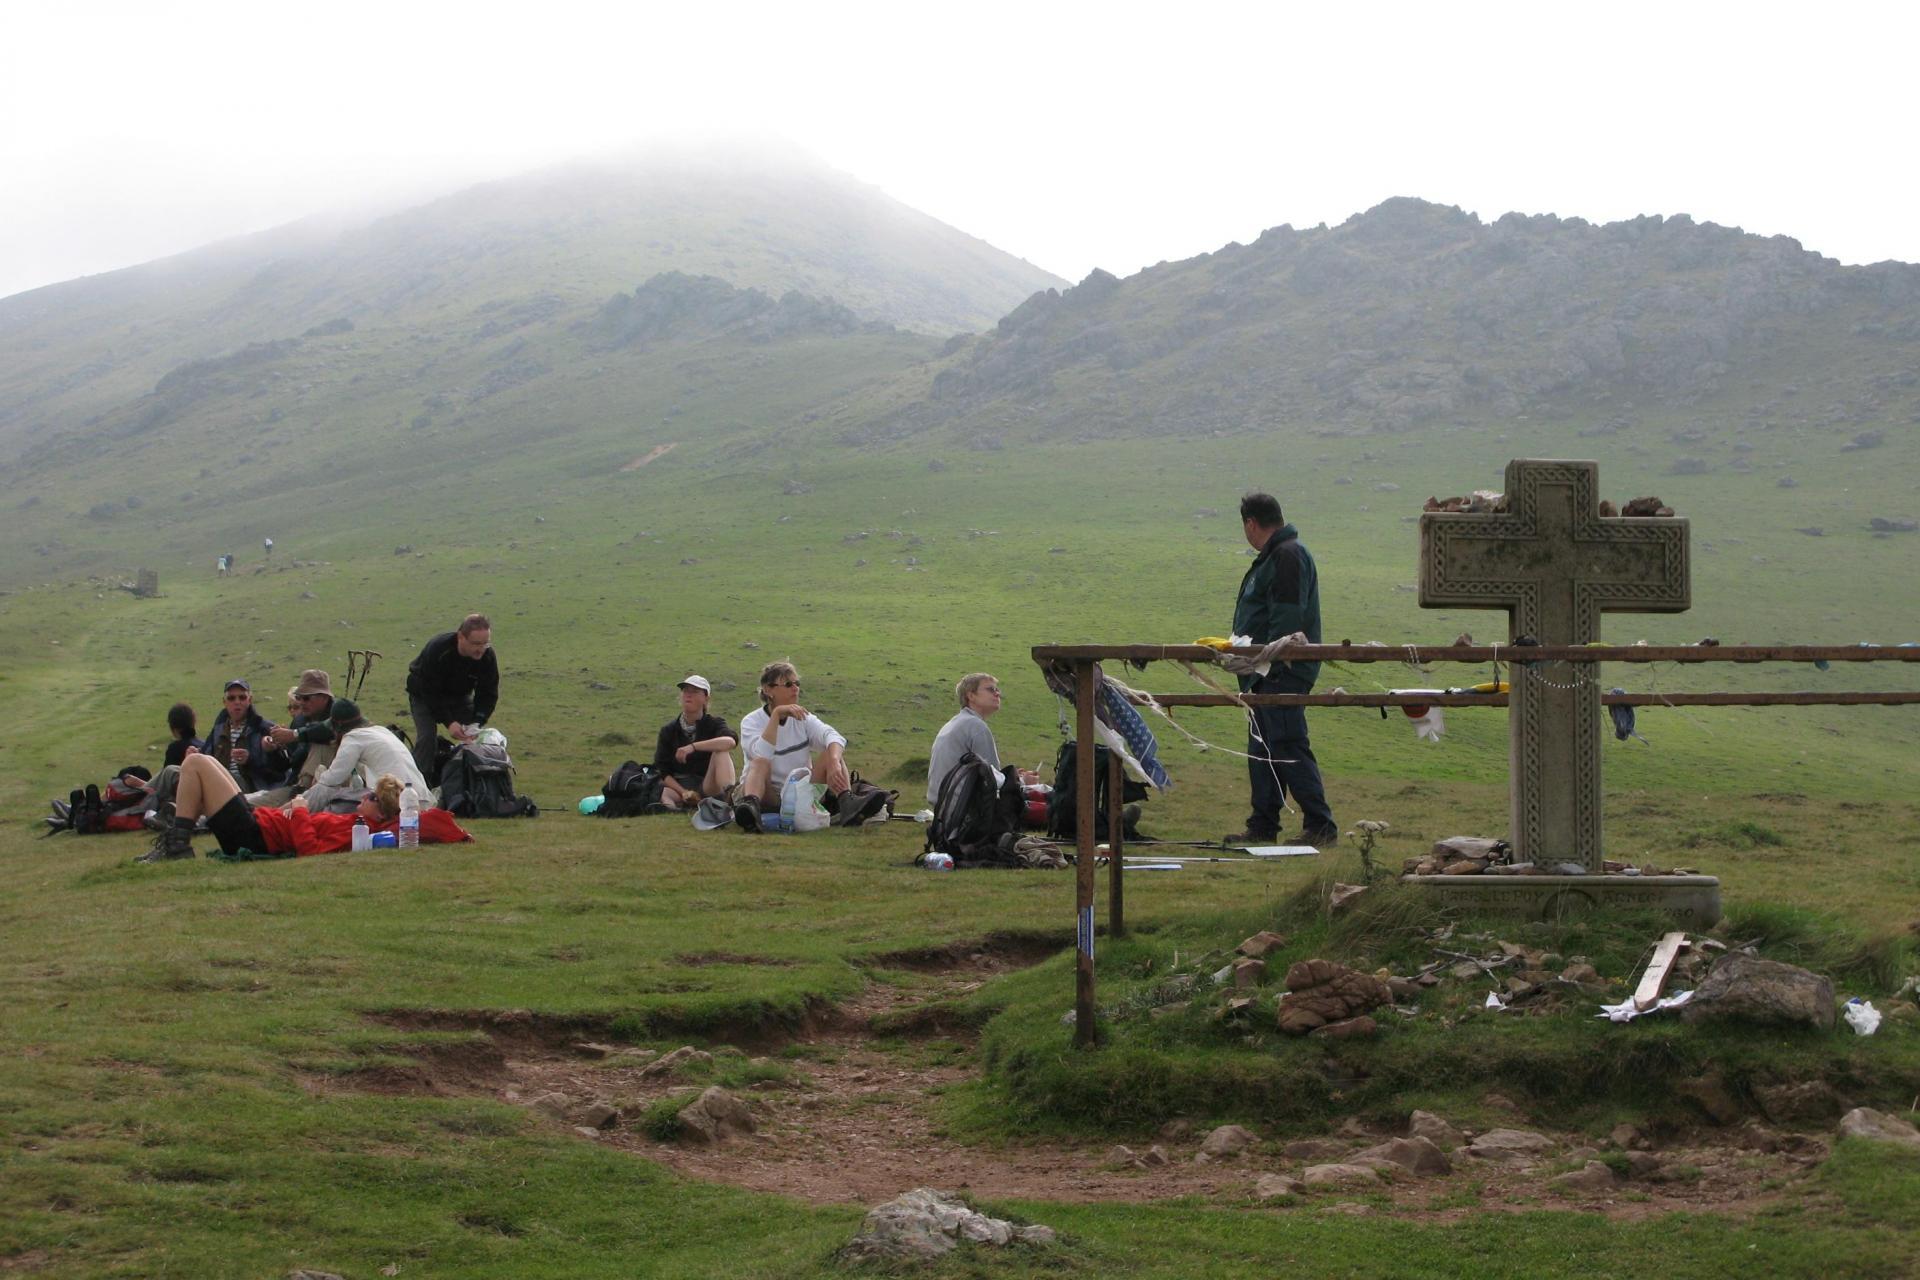 2bc43c31b919 Hiking tour on the Camino de Santiago, Pilgrim Route, Spain